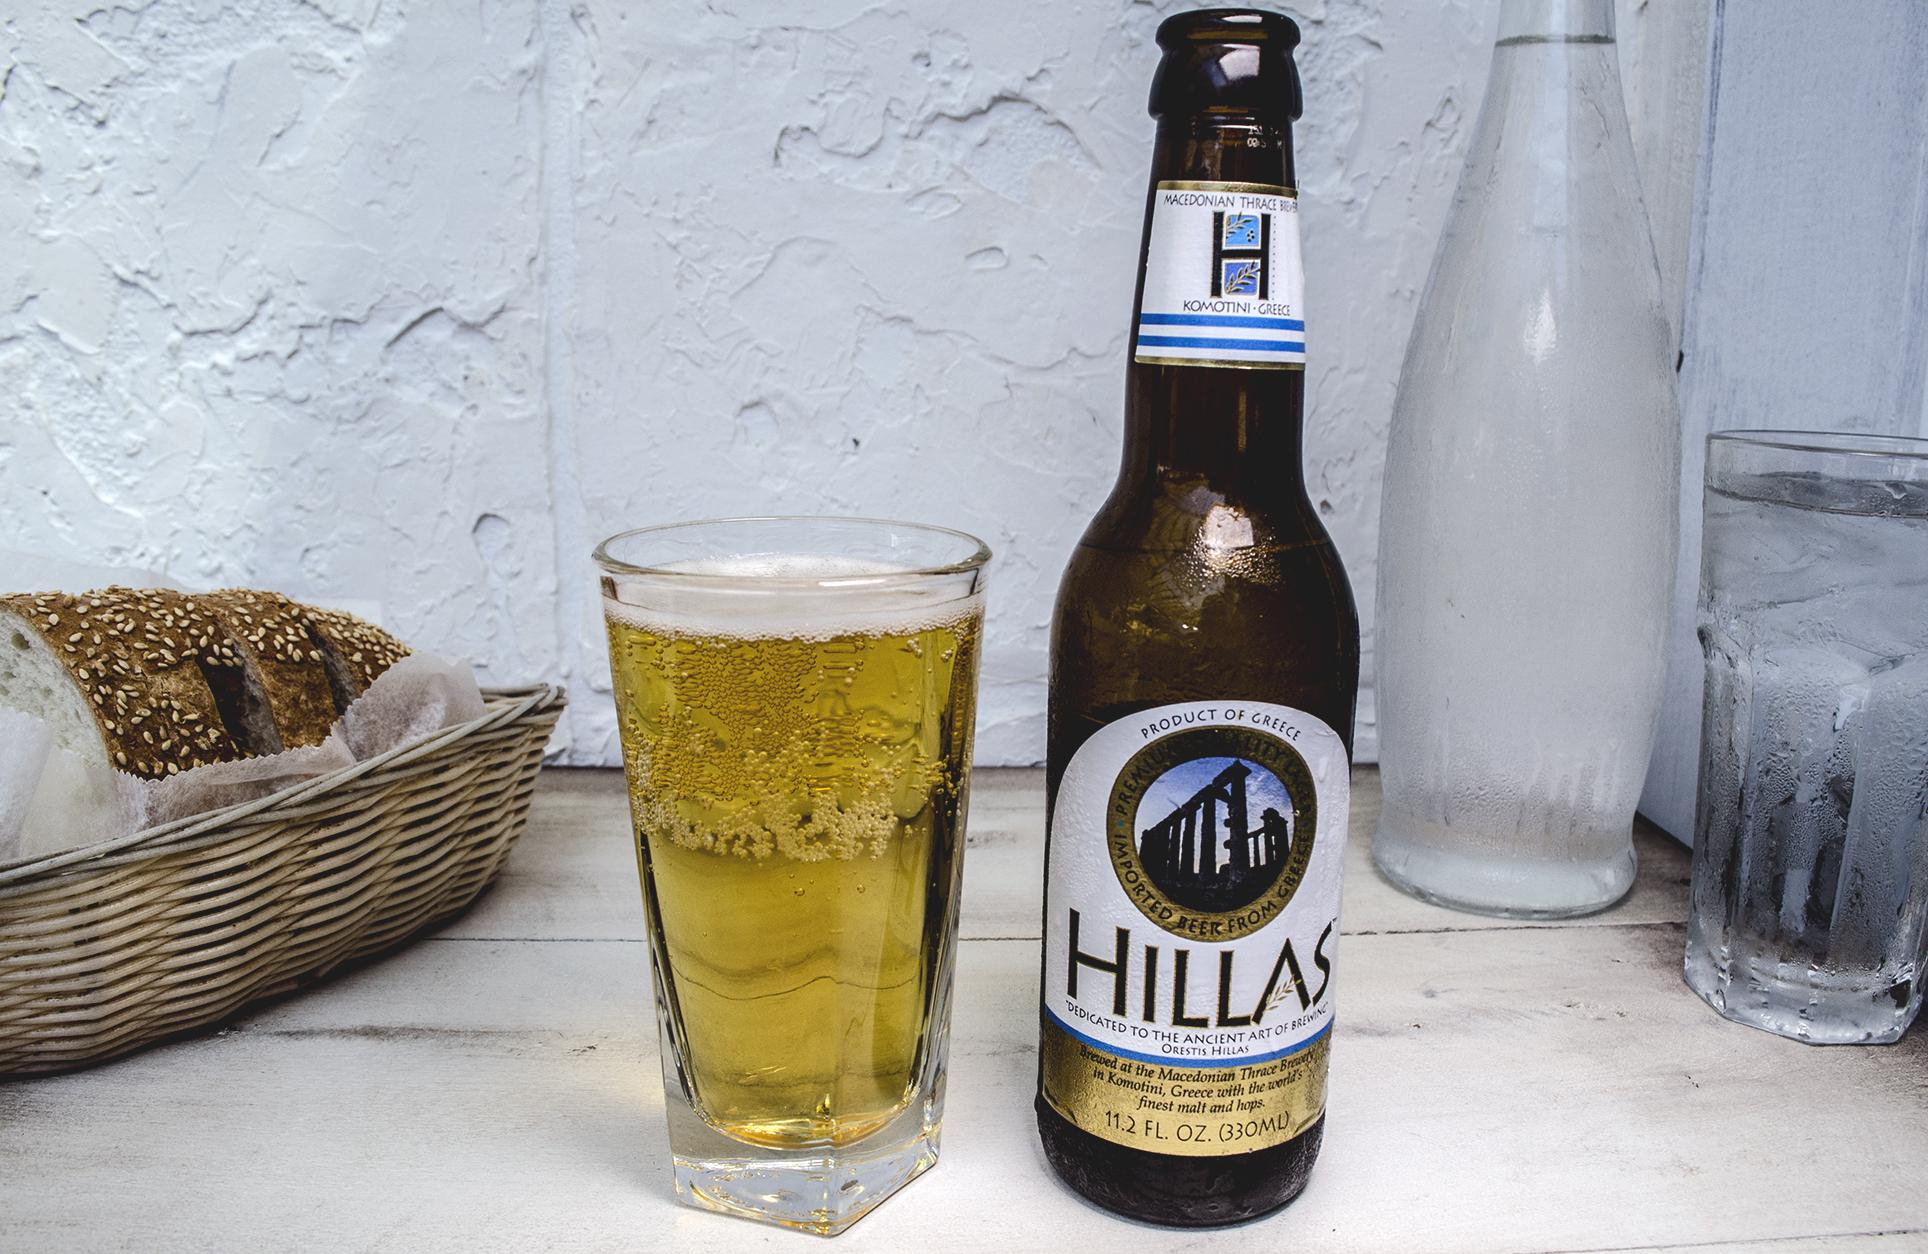 athena_hillas_beer.jpg